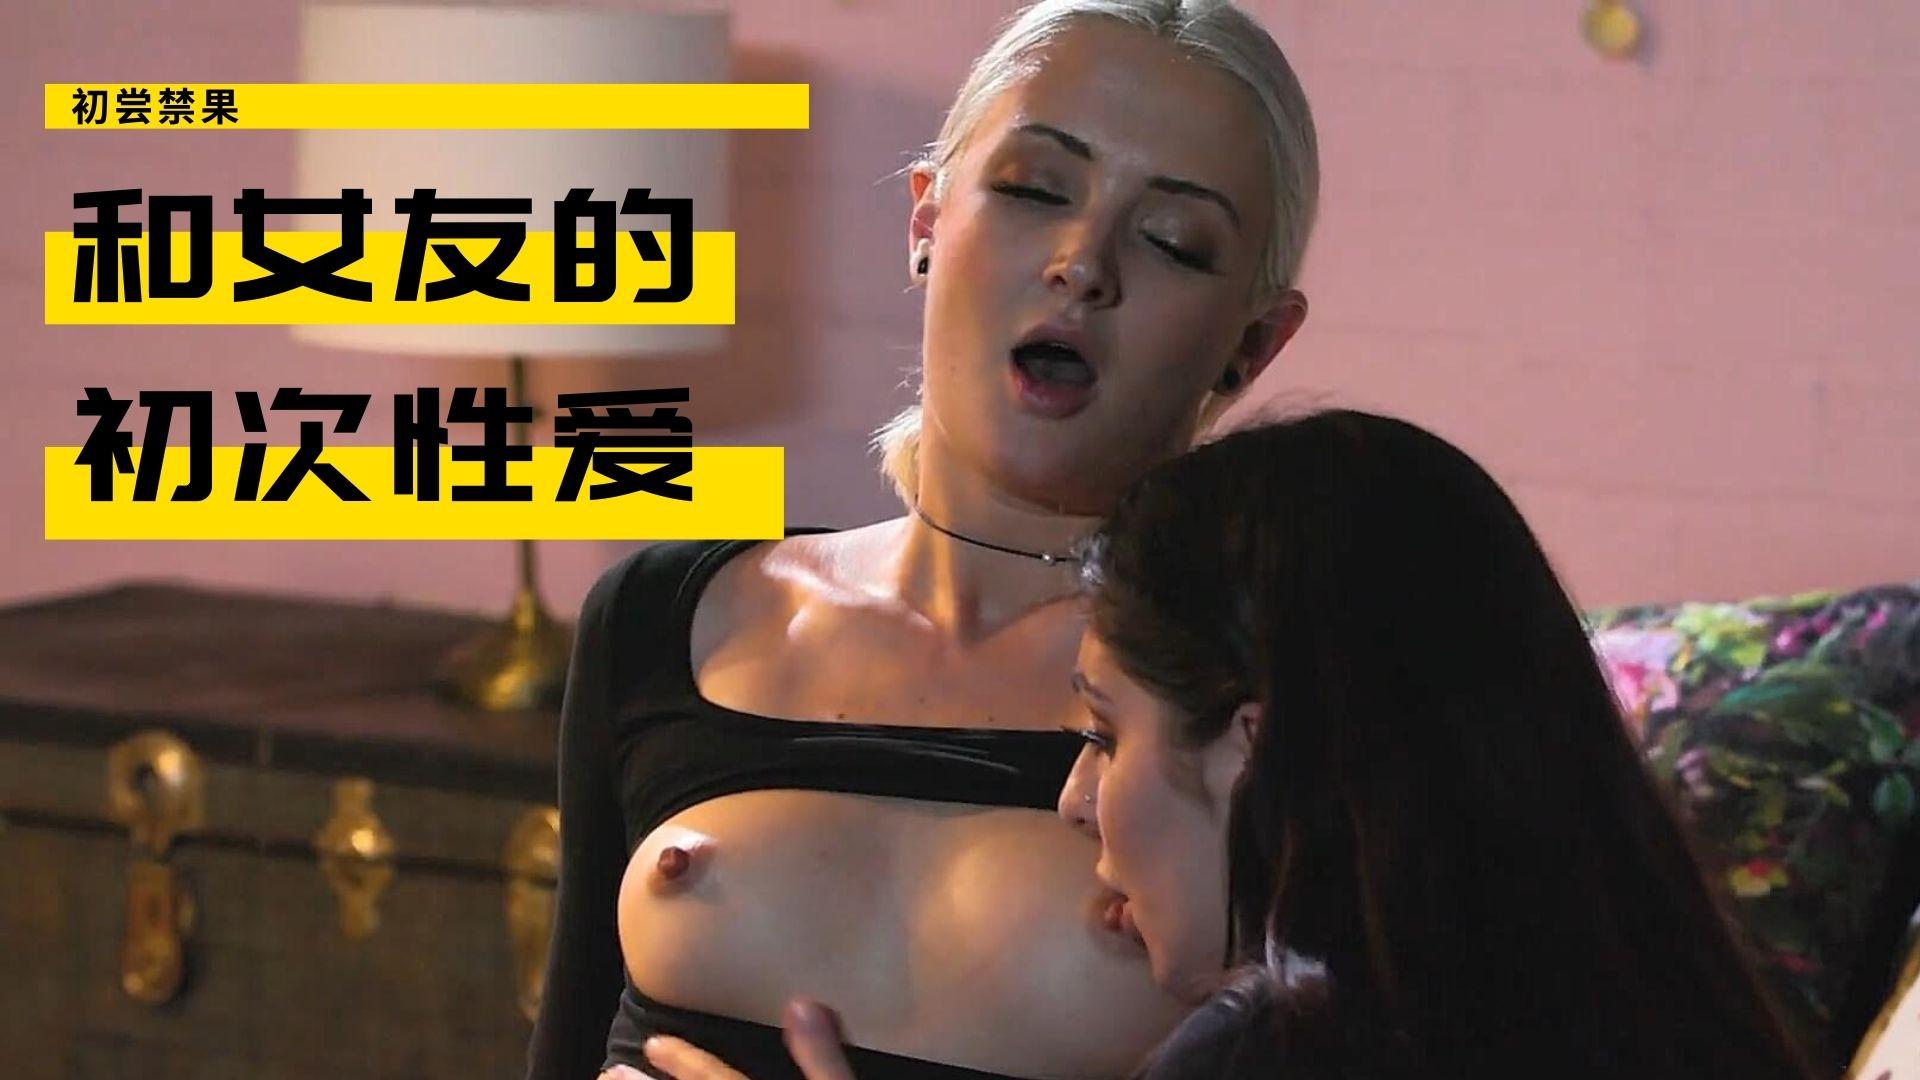 迷人巨乳蕾丝尝性爱滋味